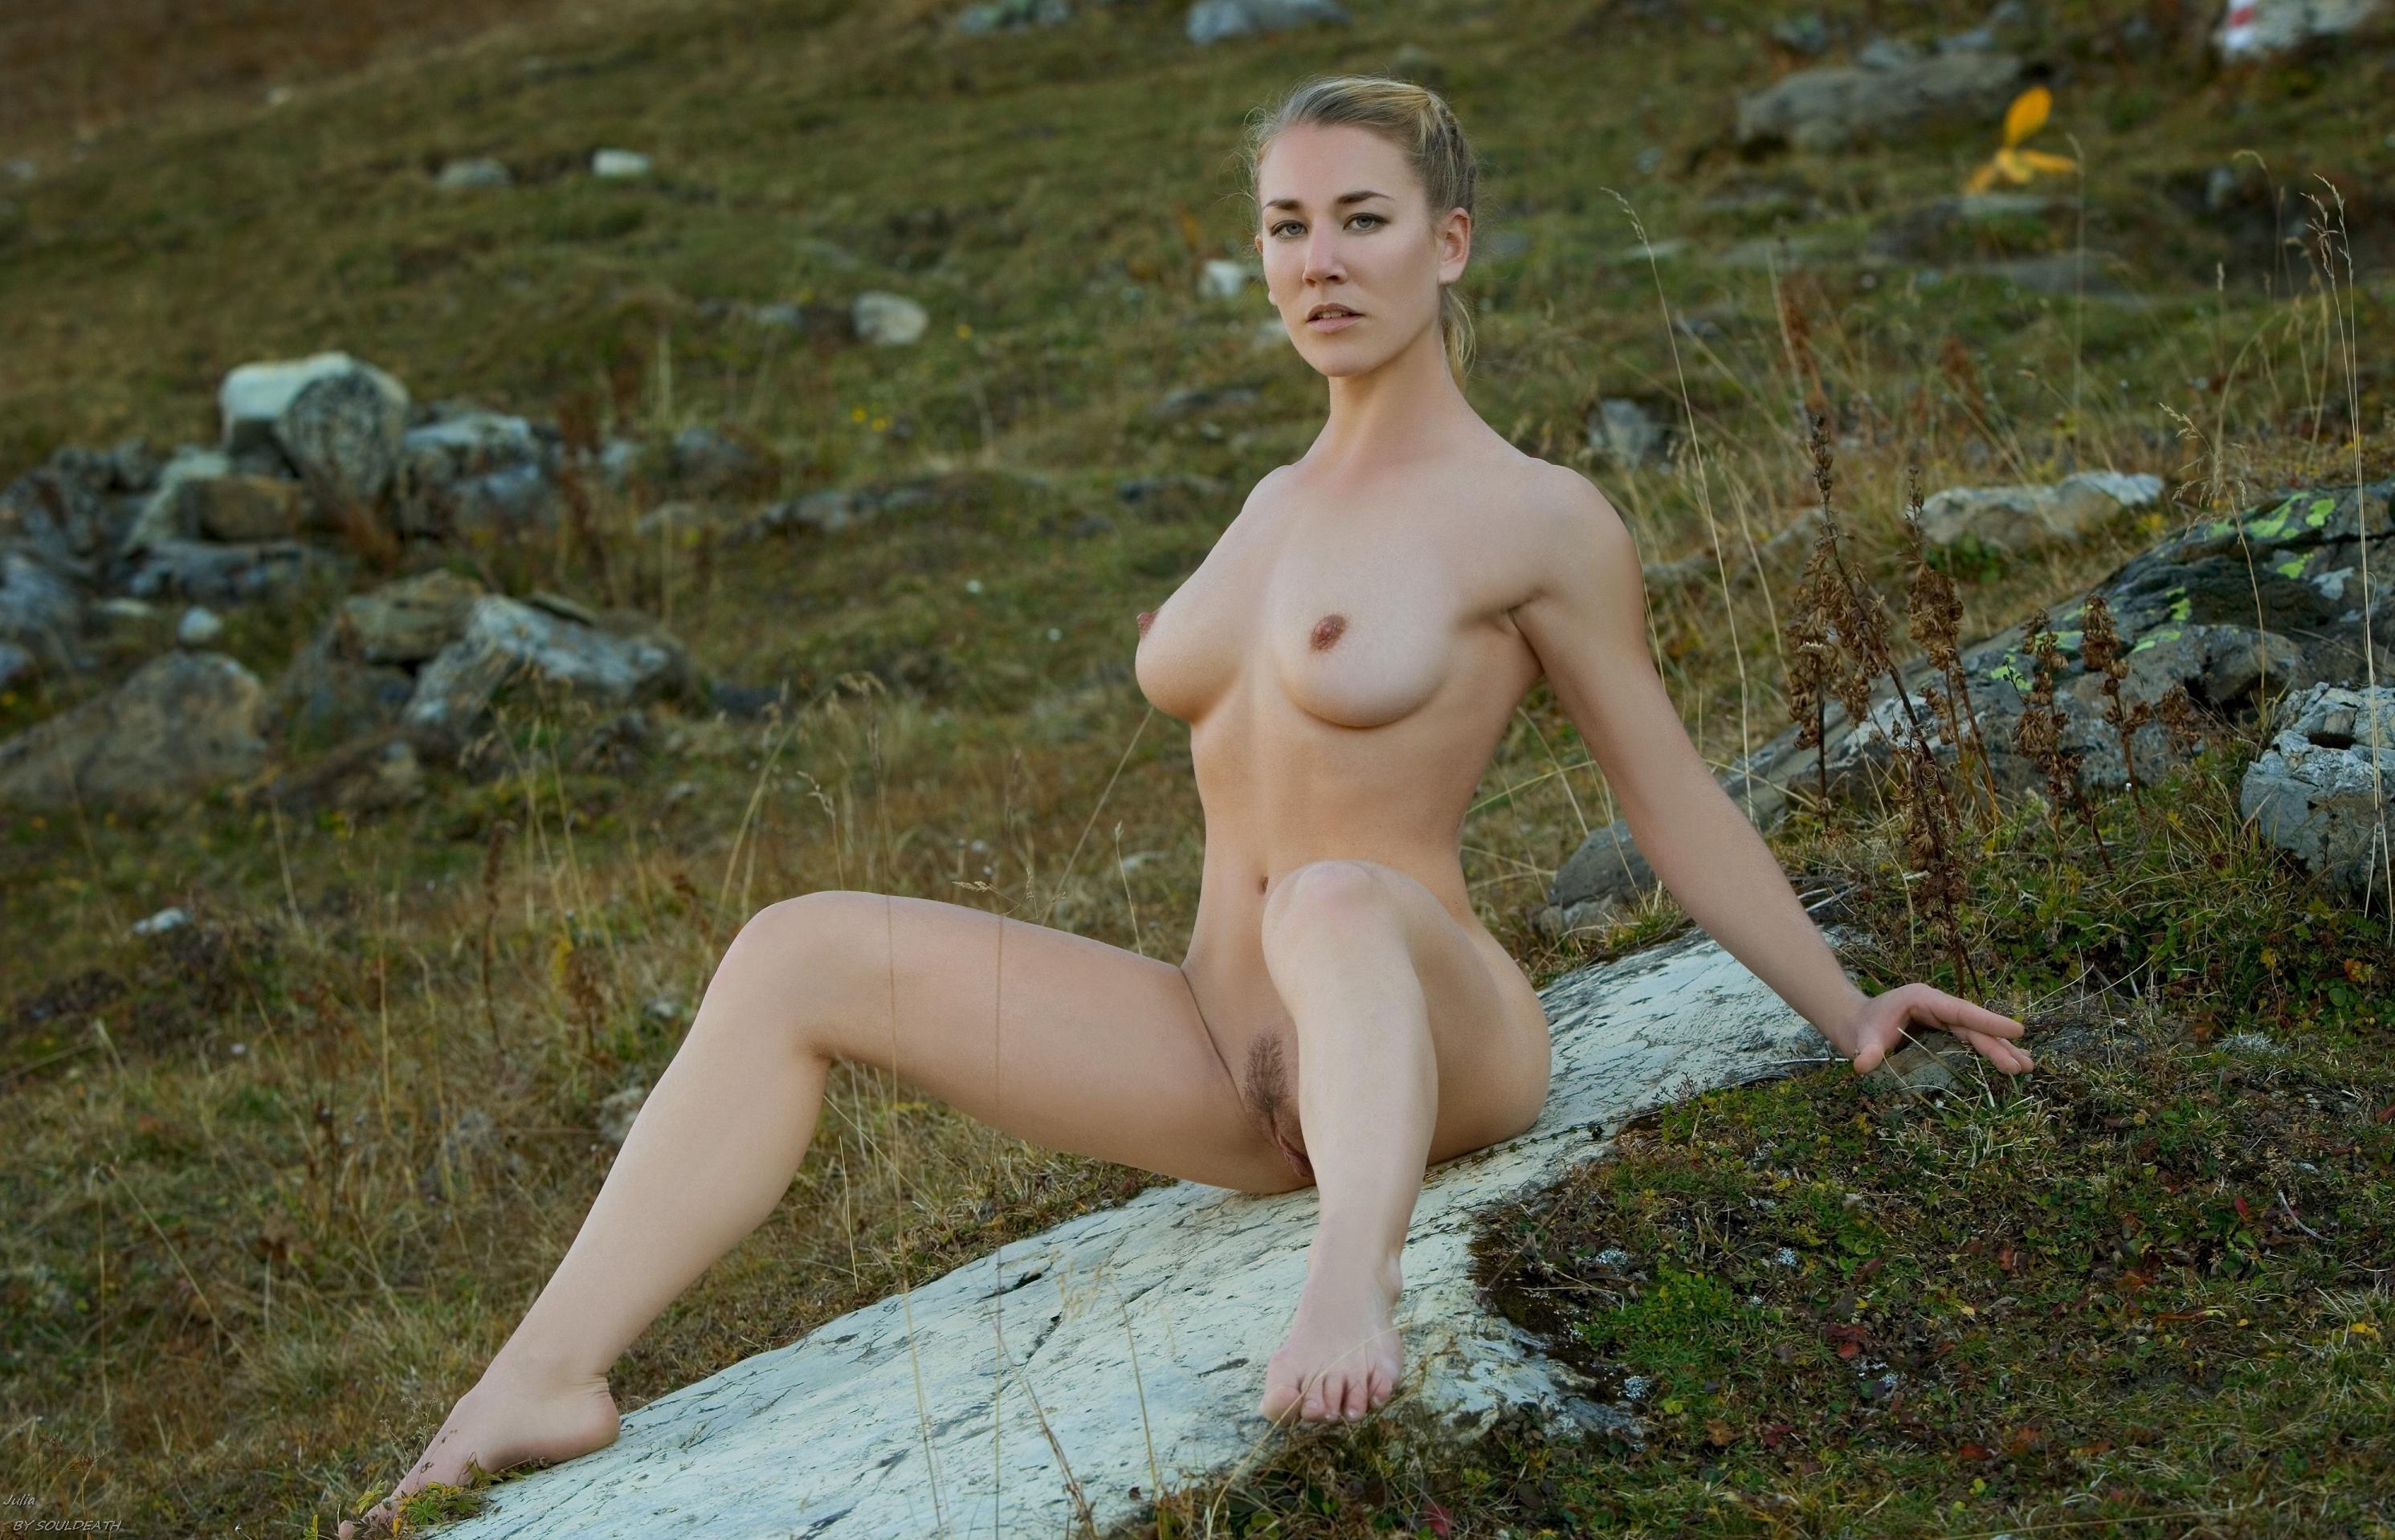 Bravo beautiful women naked